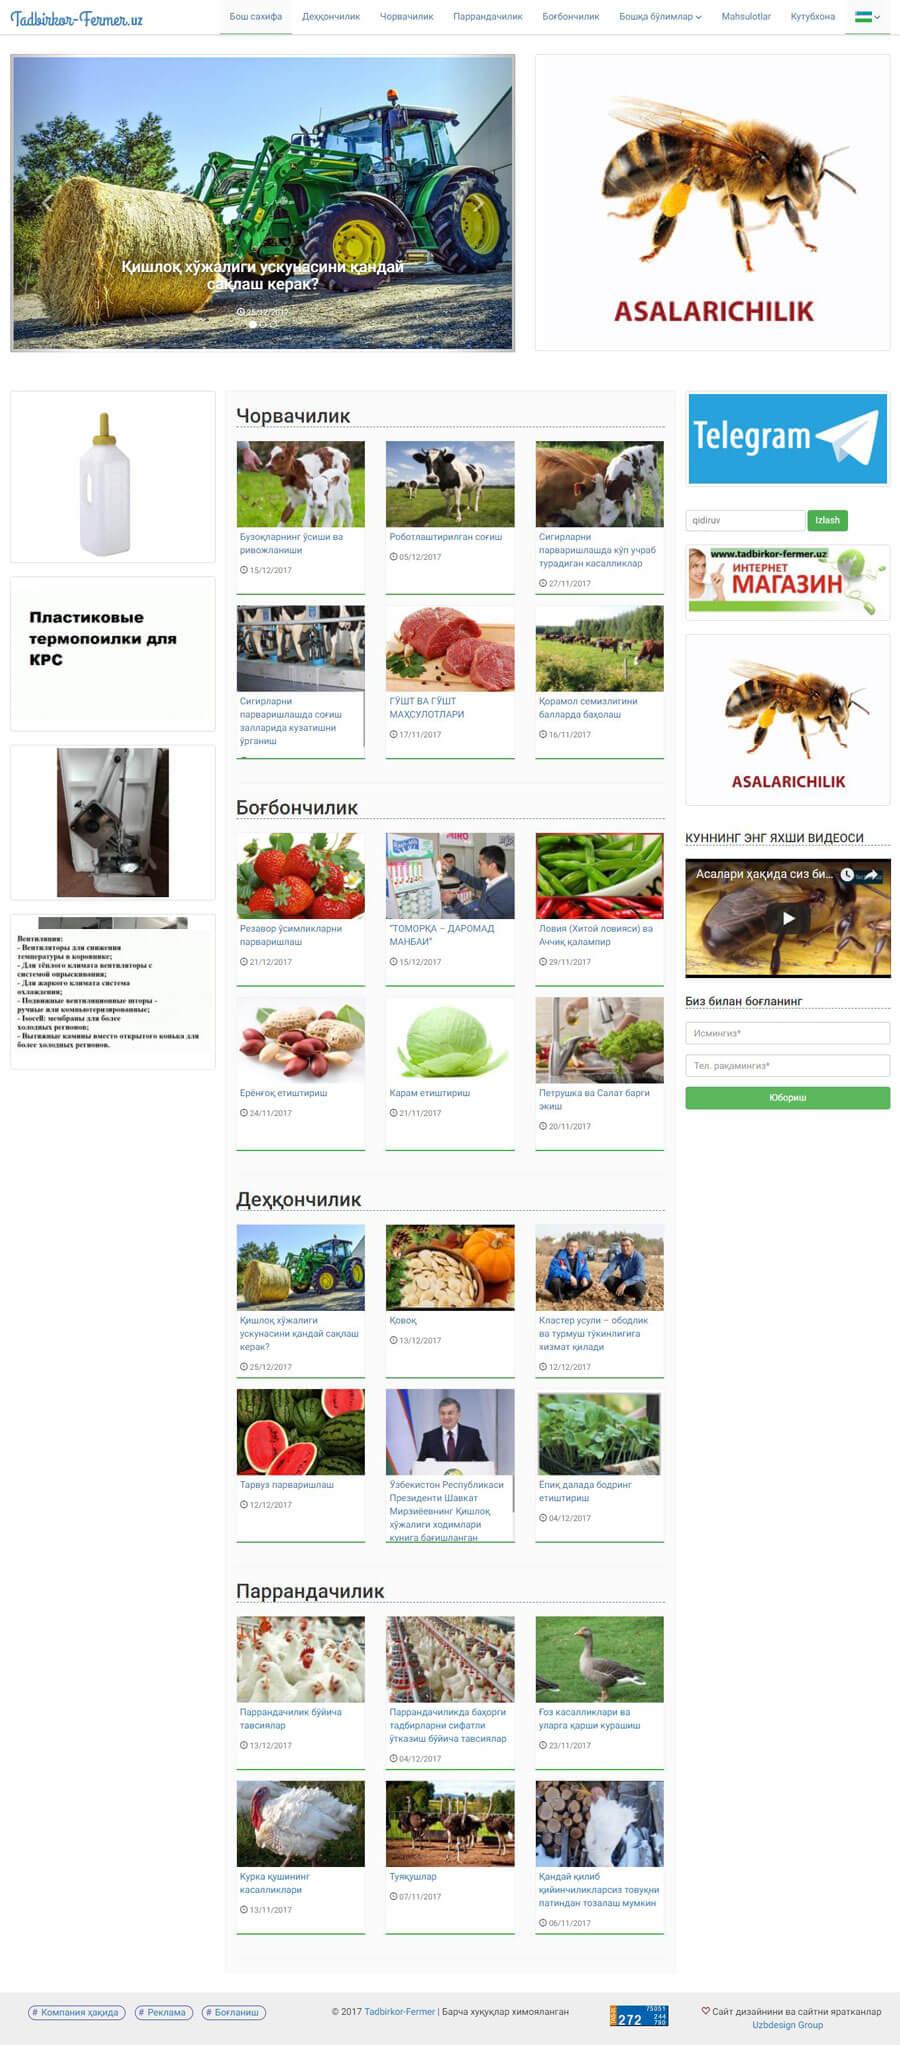 Разработка дизайн сайта и создание сайта для Tadbirkor-Fermer.uz